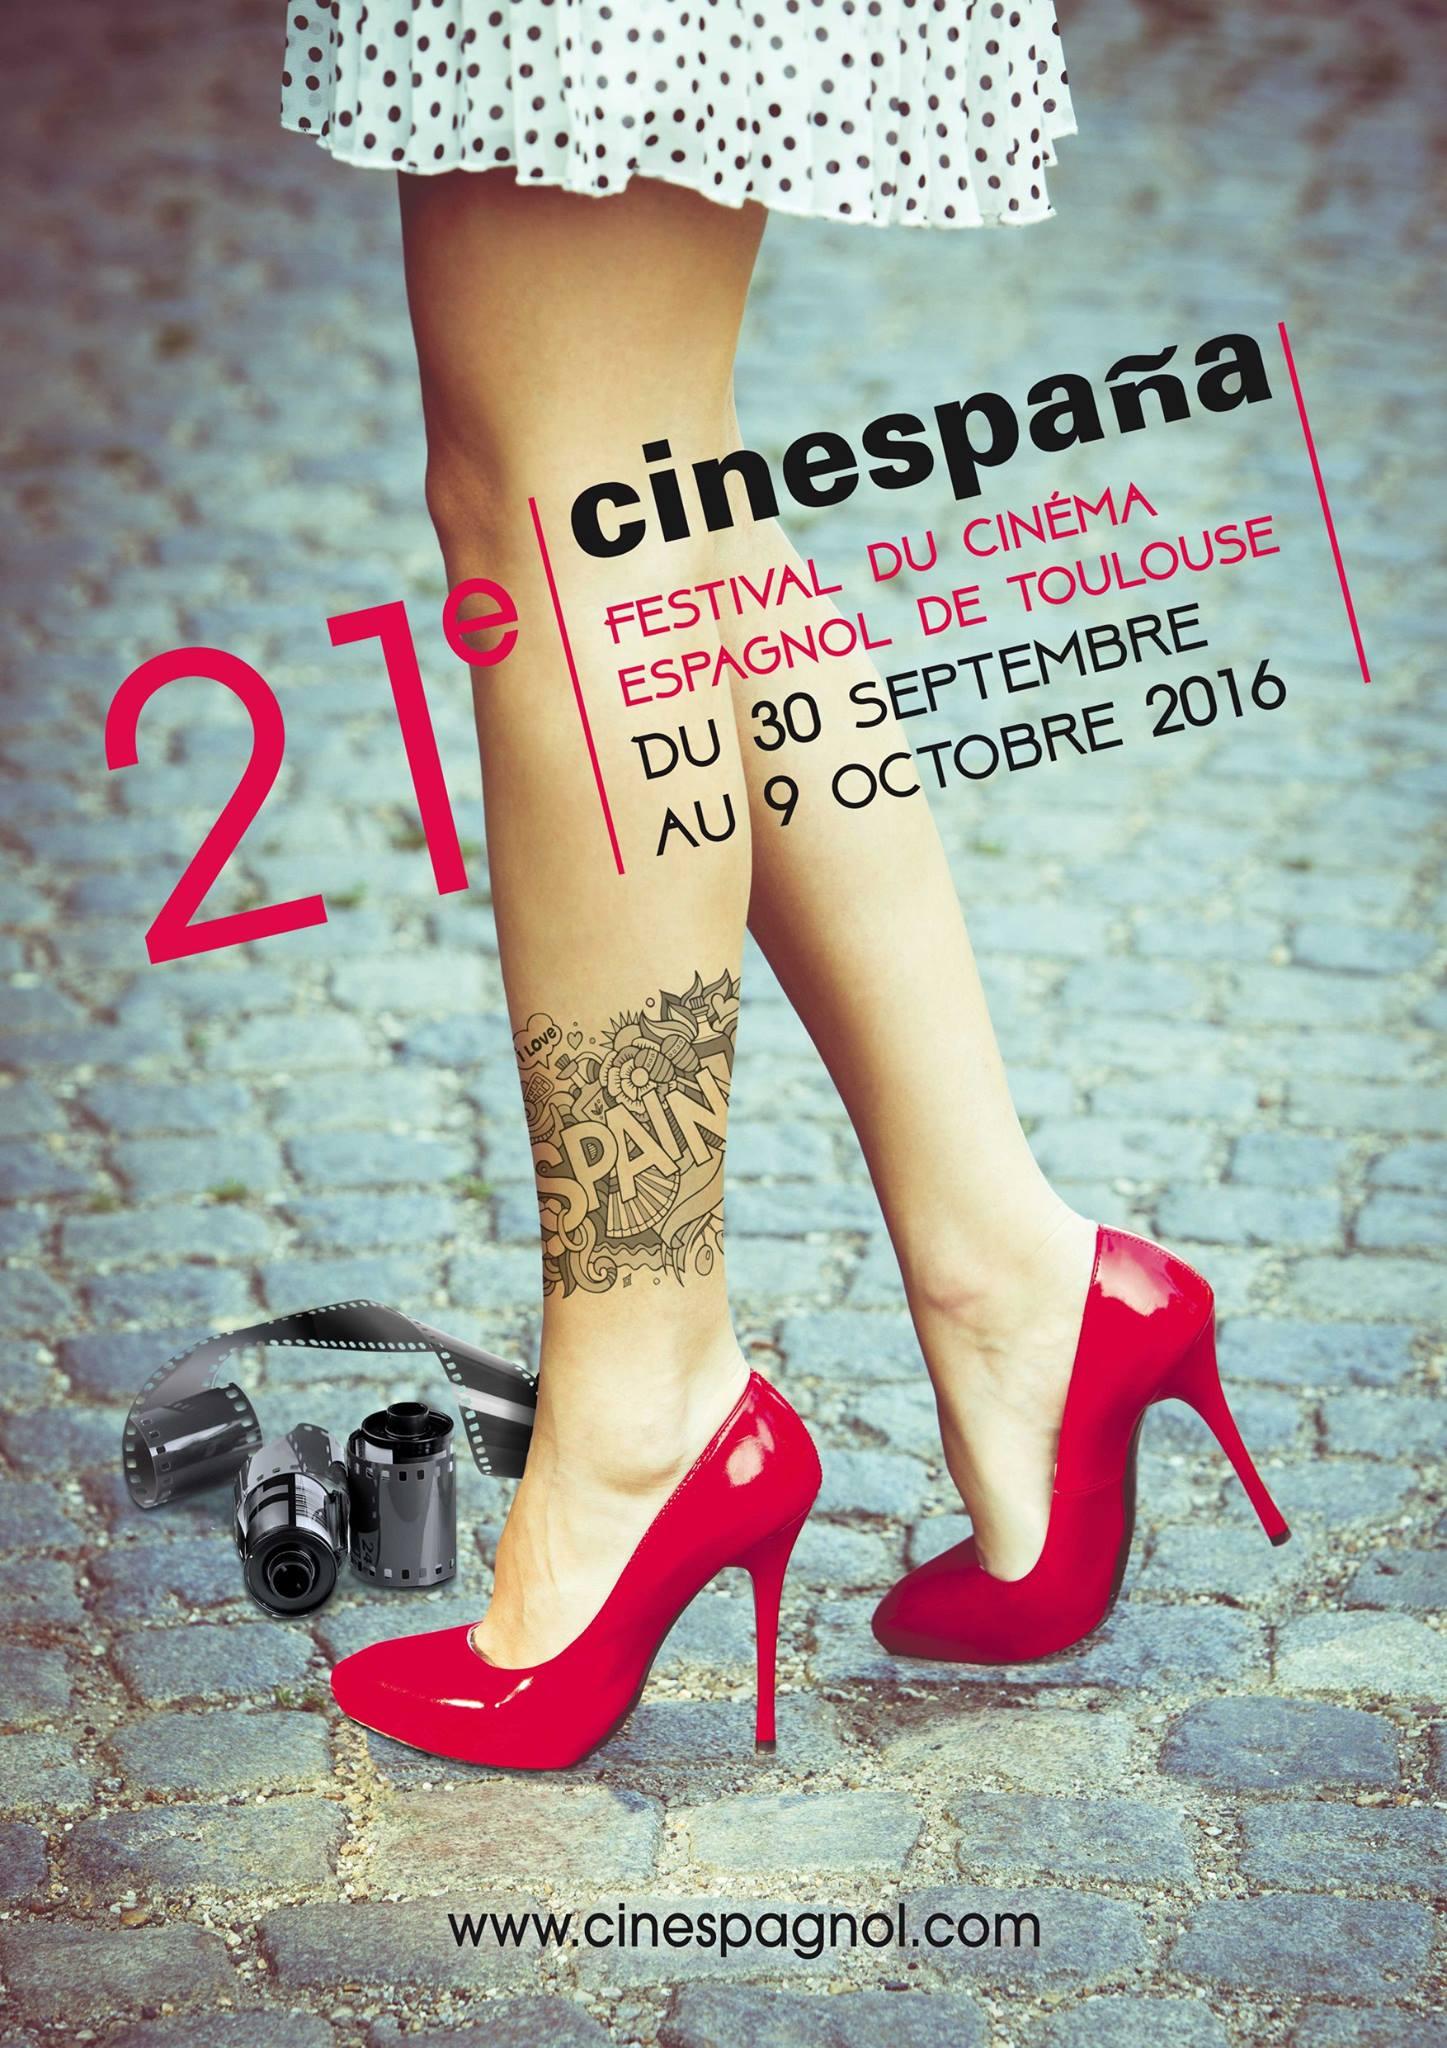 Cinespana 2016